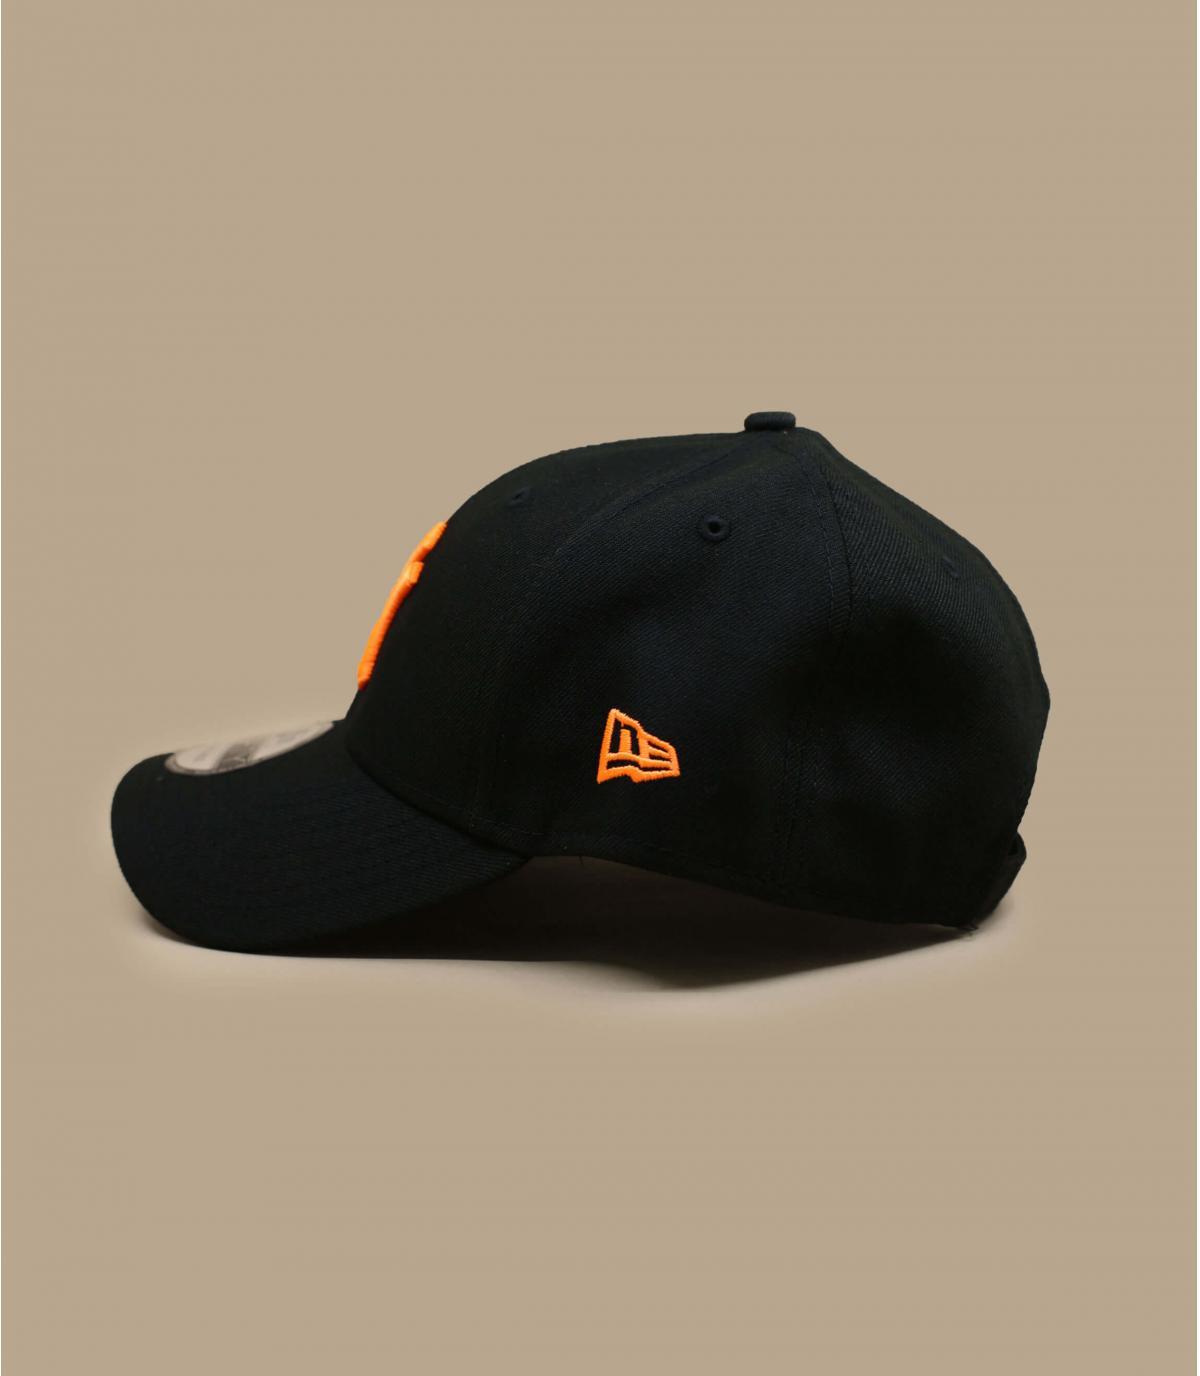 Détails Neon Pack NY 940 black orange - image 3